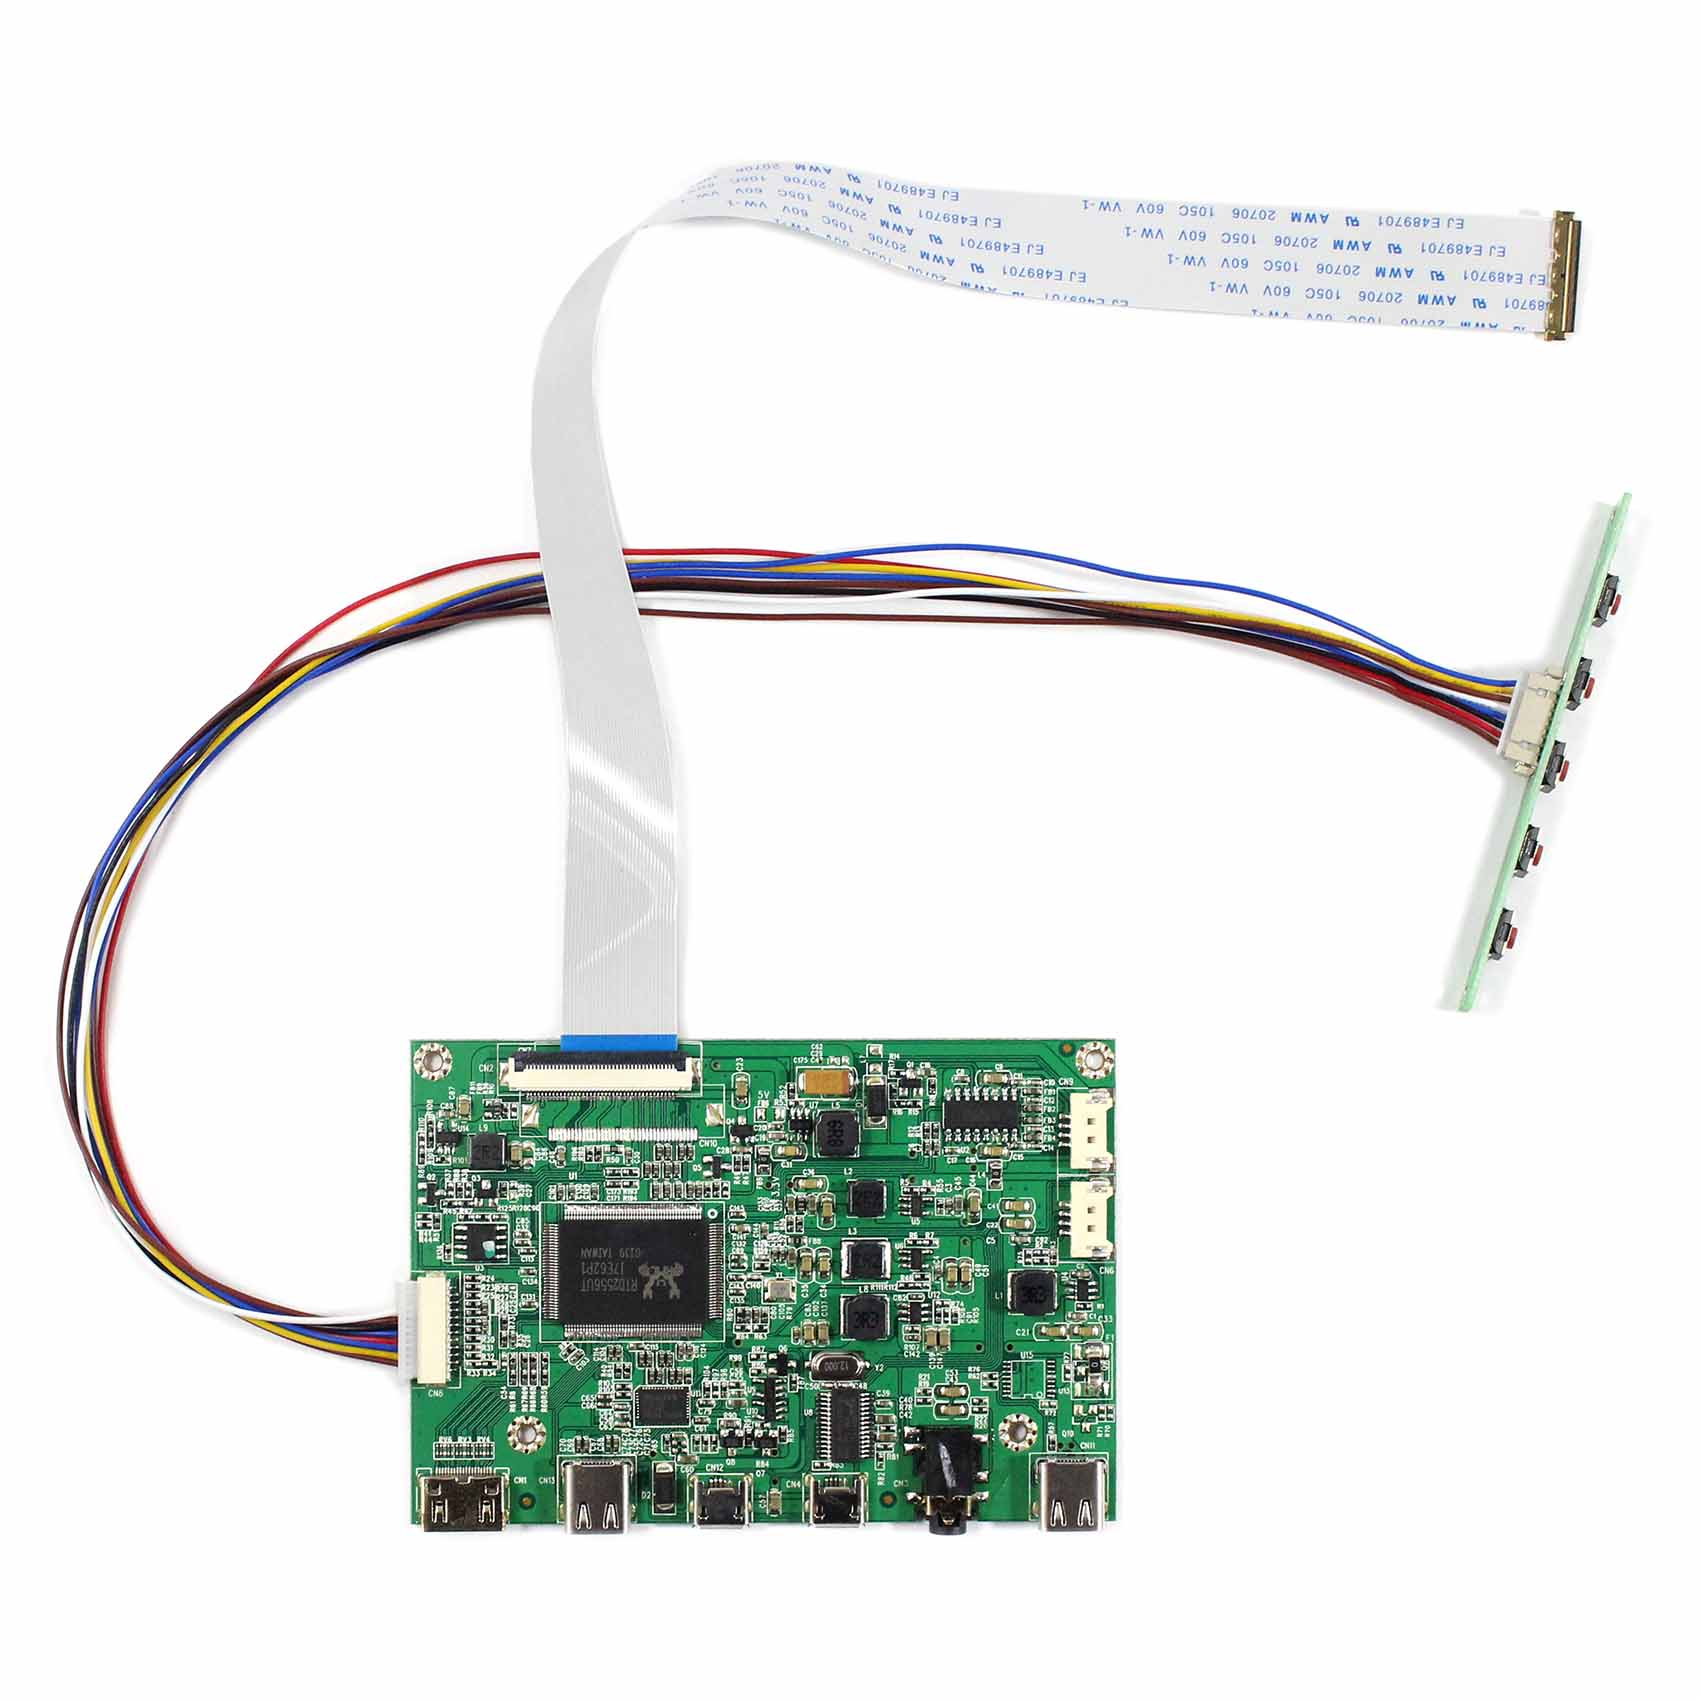 HDMI Type C Control Board Work For 30Pin 1920x1080 EDP LCD  N116HSE-EA1/EA2/EJ1/EB1  N133HSE-EA1/EA3/EB1 /EB3 B140HAN01.0/1/2/3